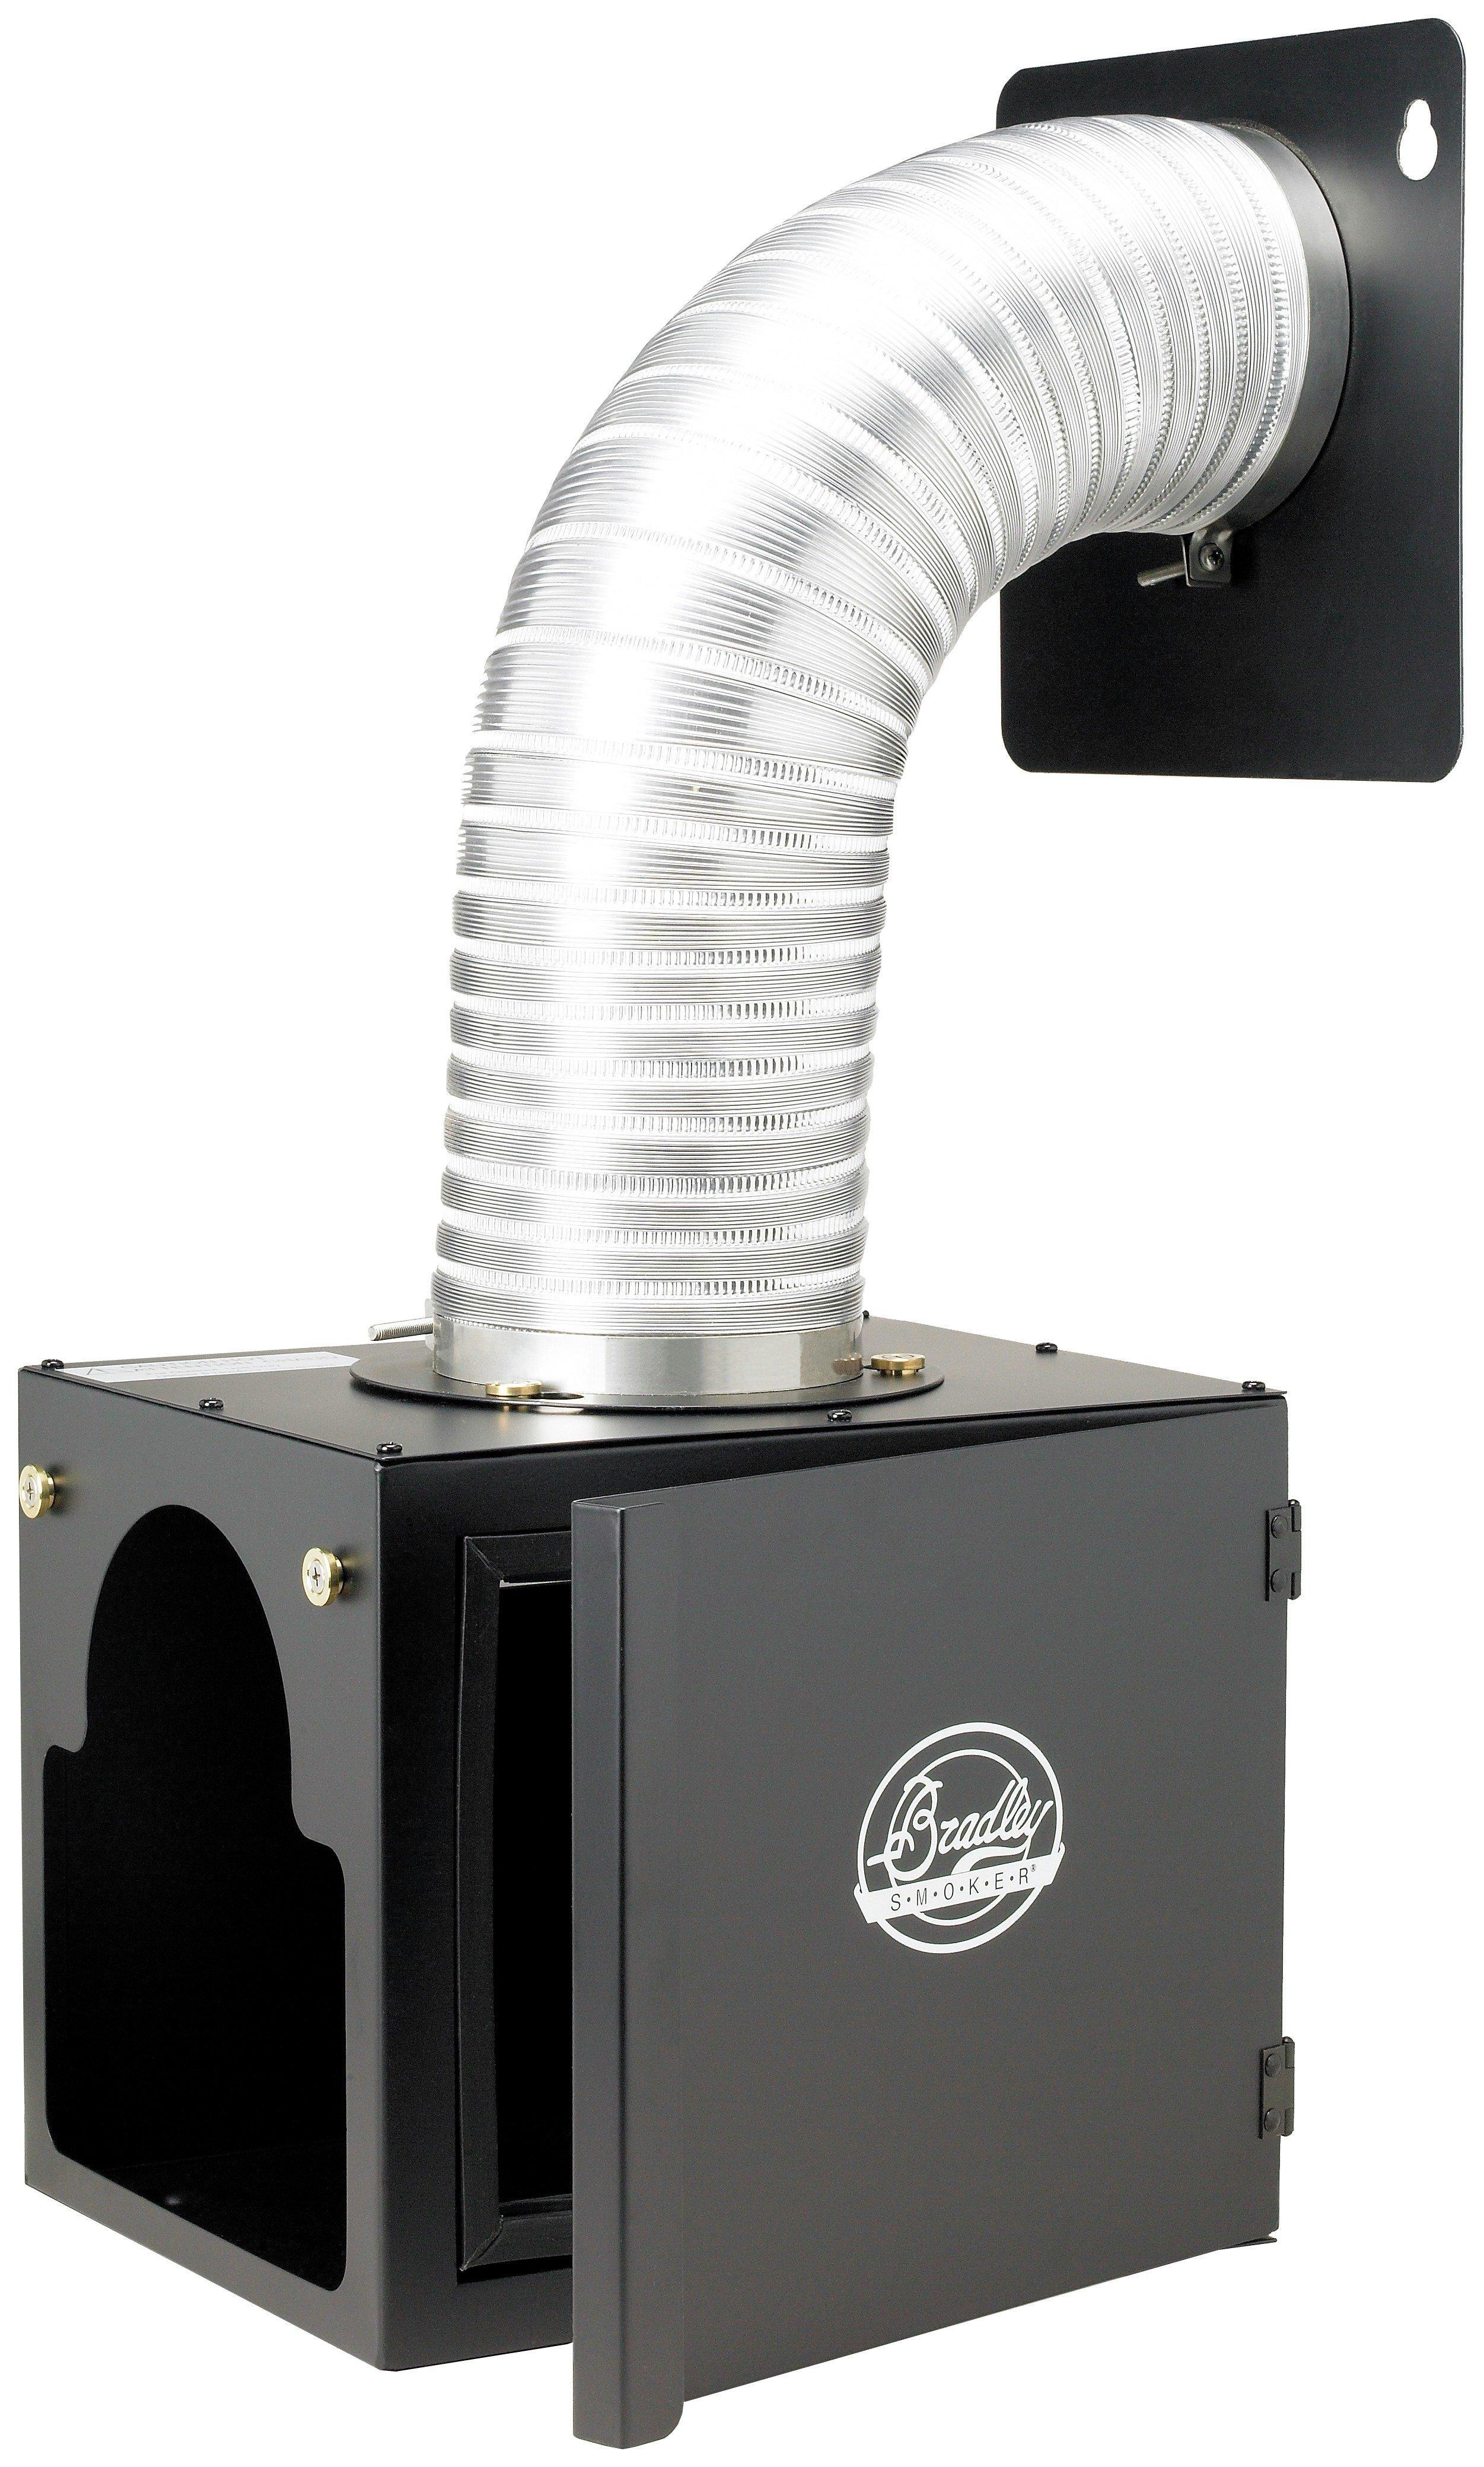 Image of Bradley Smoker - BTCOLD Cold Smoking Adaptor